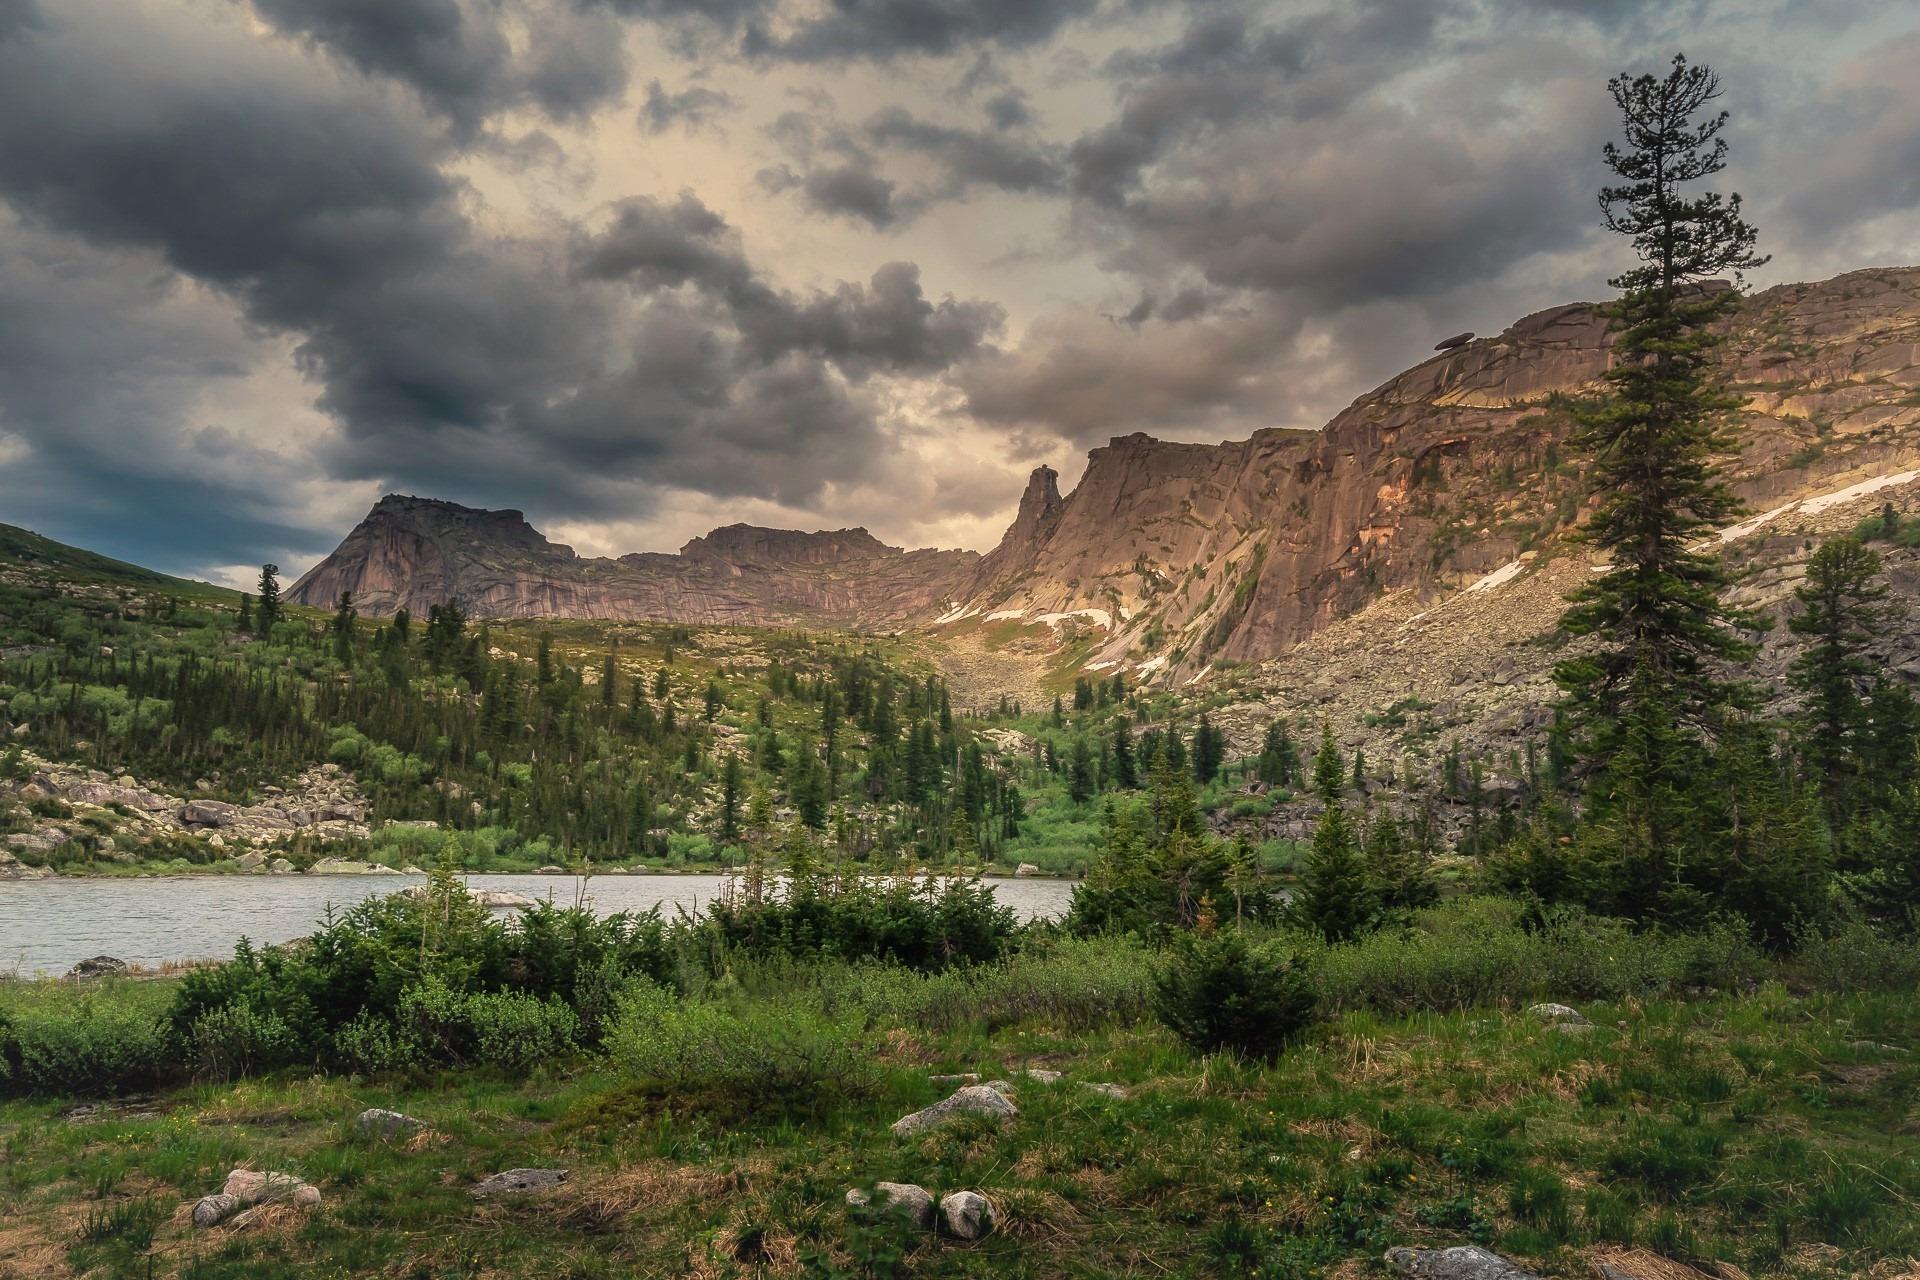 Озеро Радужное, а на горе, чуть левее кедра, виднеется Висячий камень